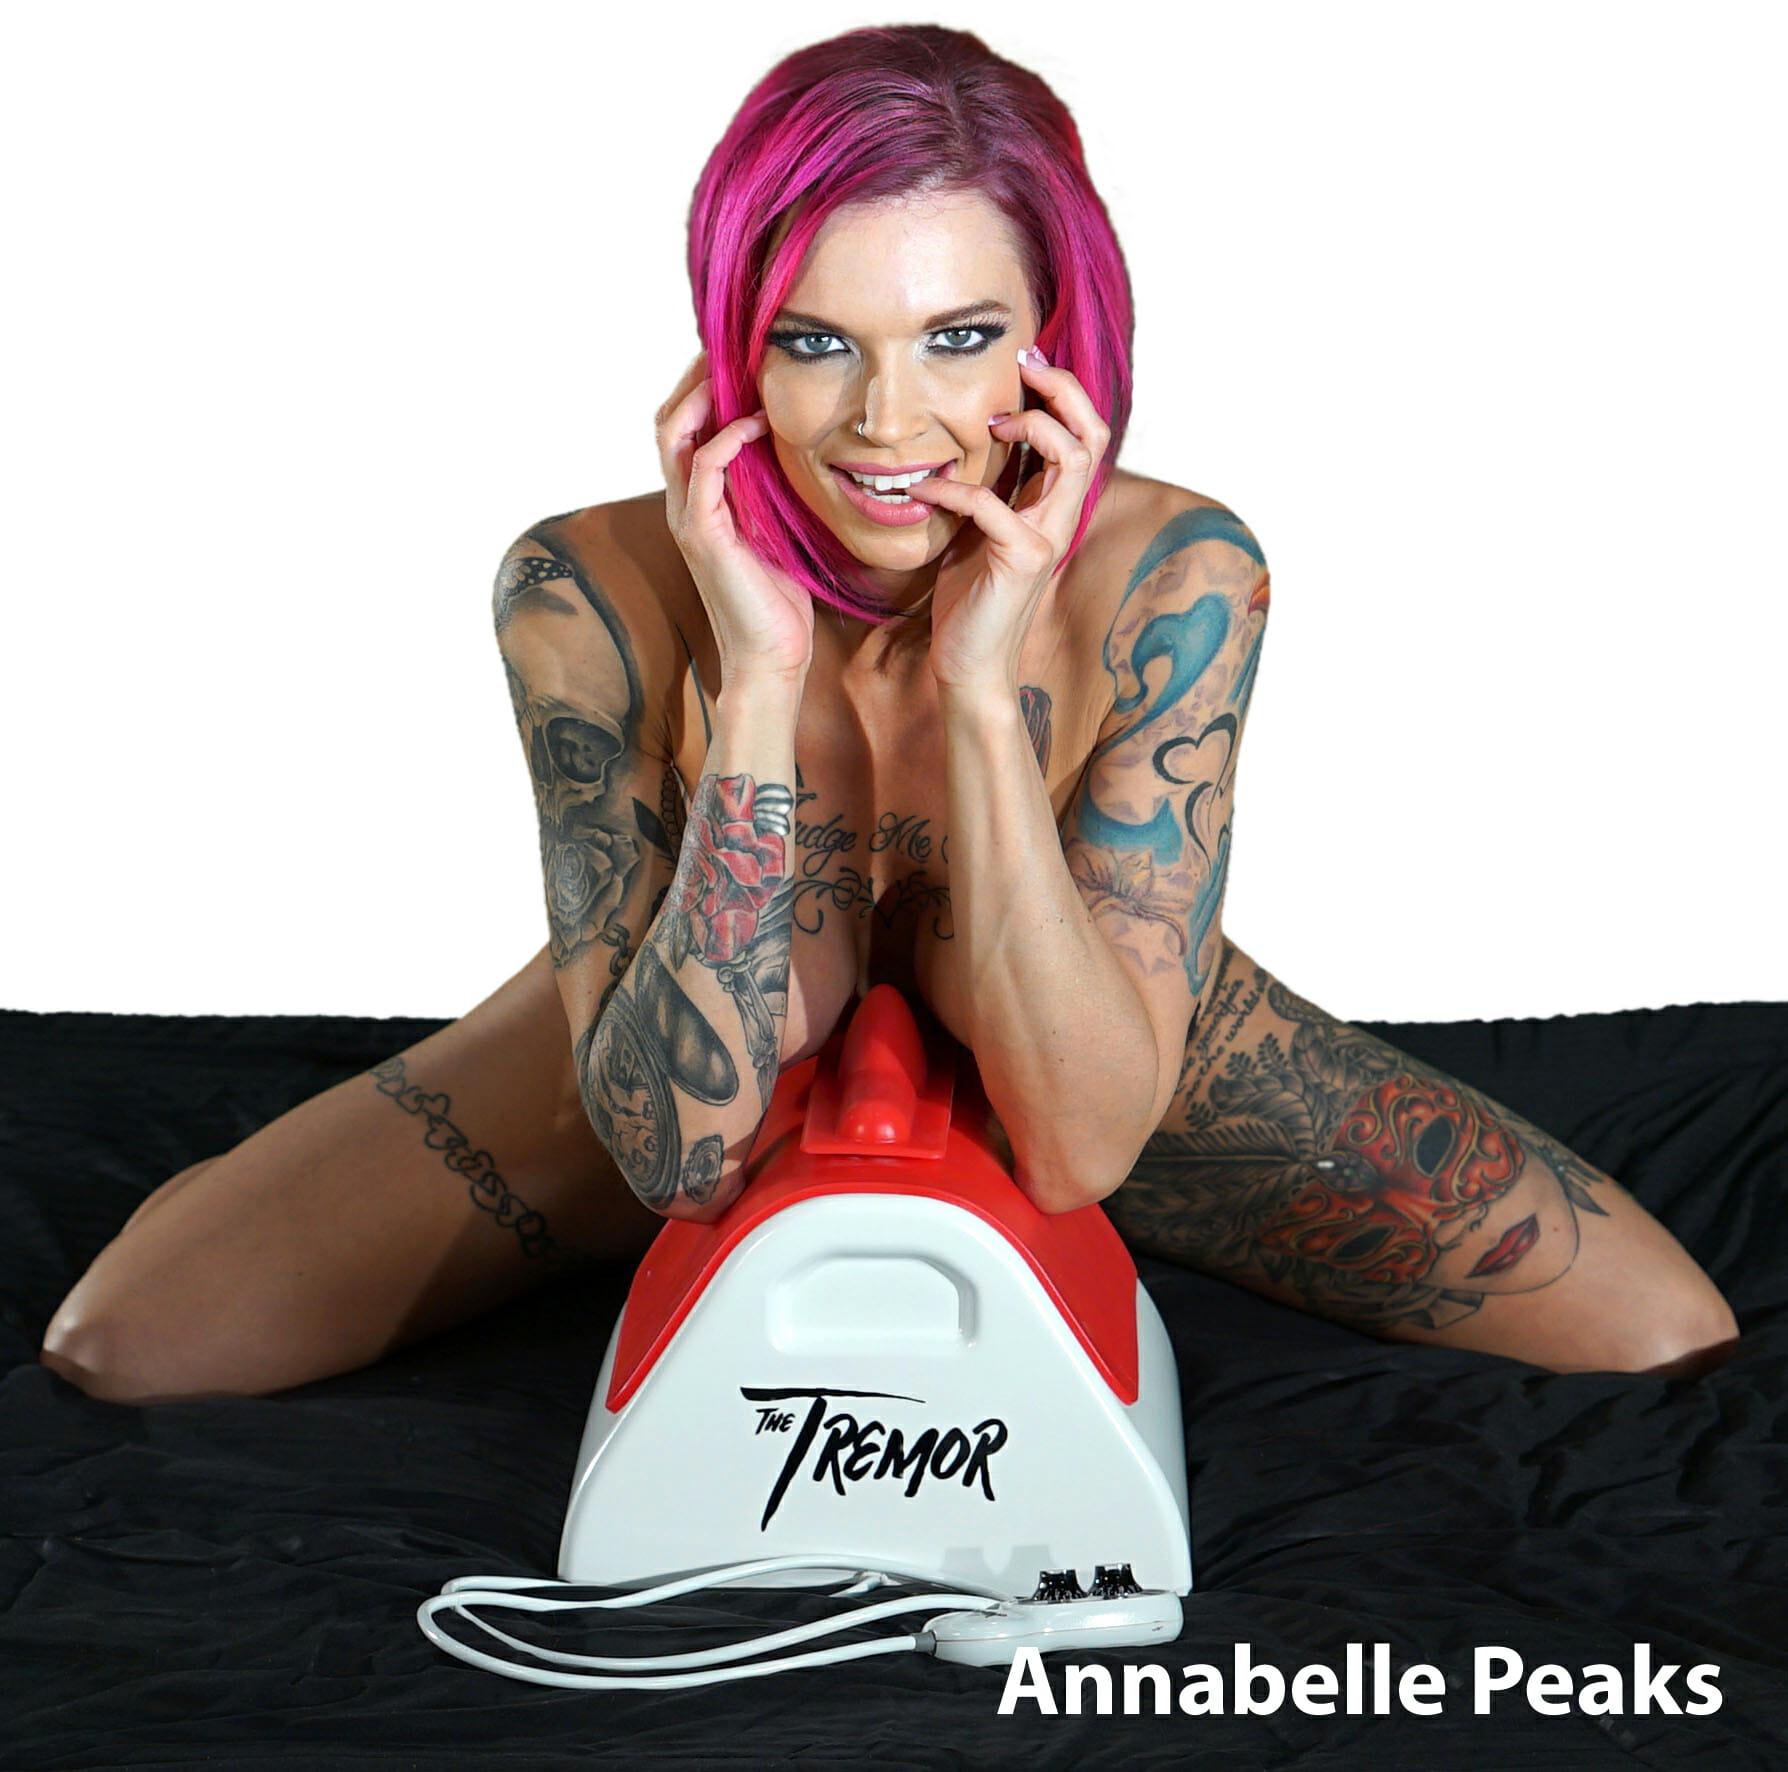 Anabelle Peaks